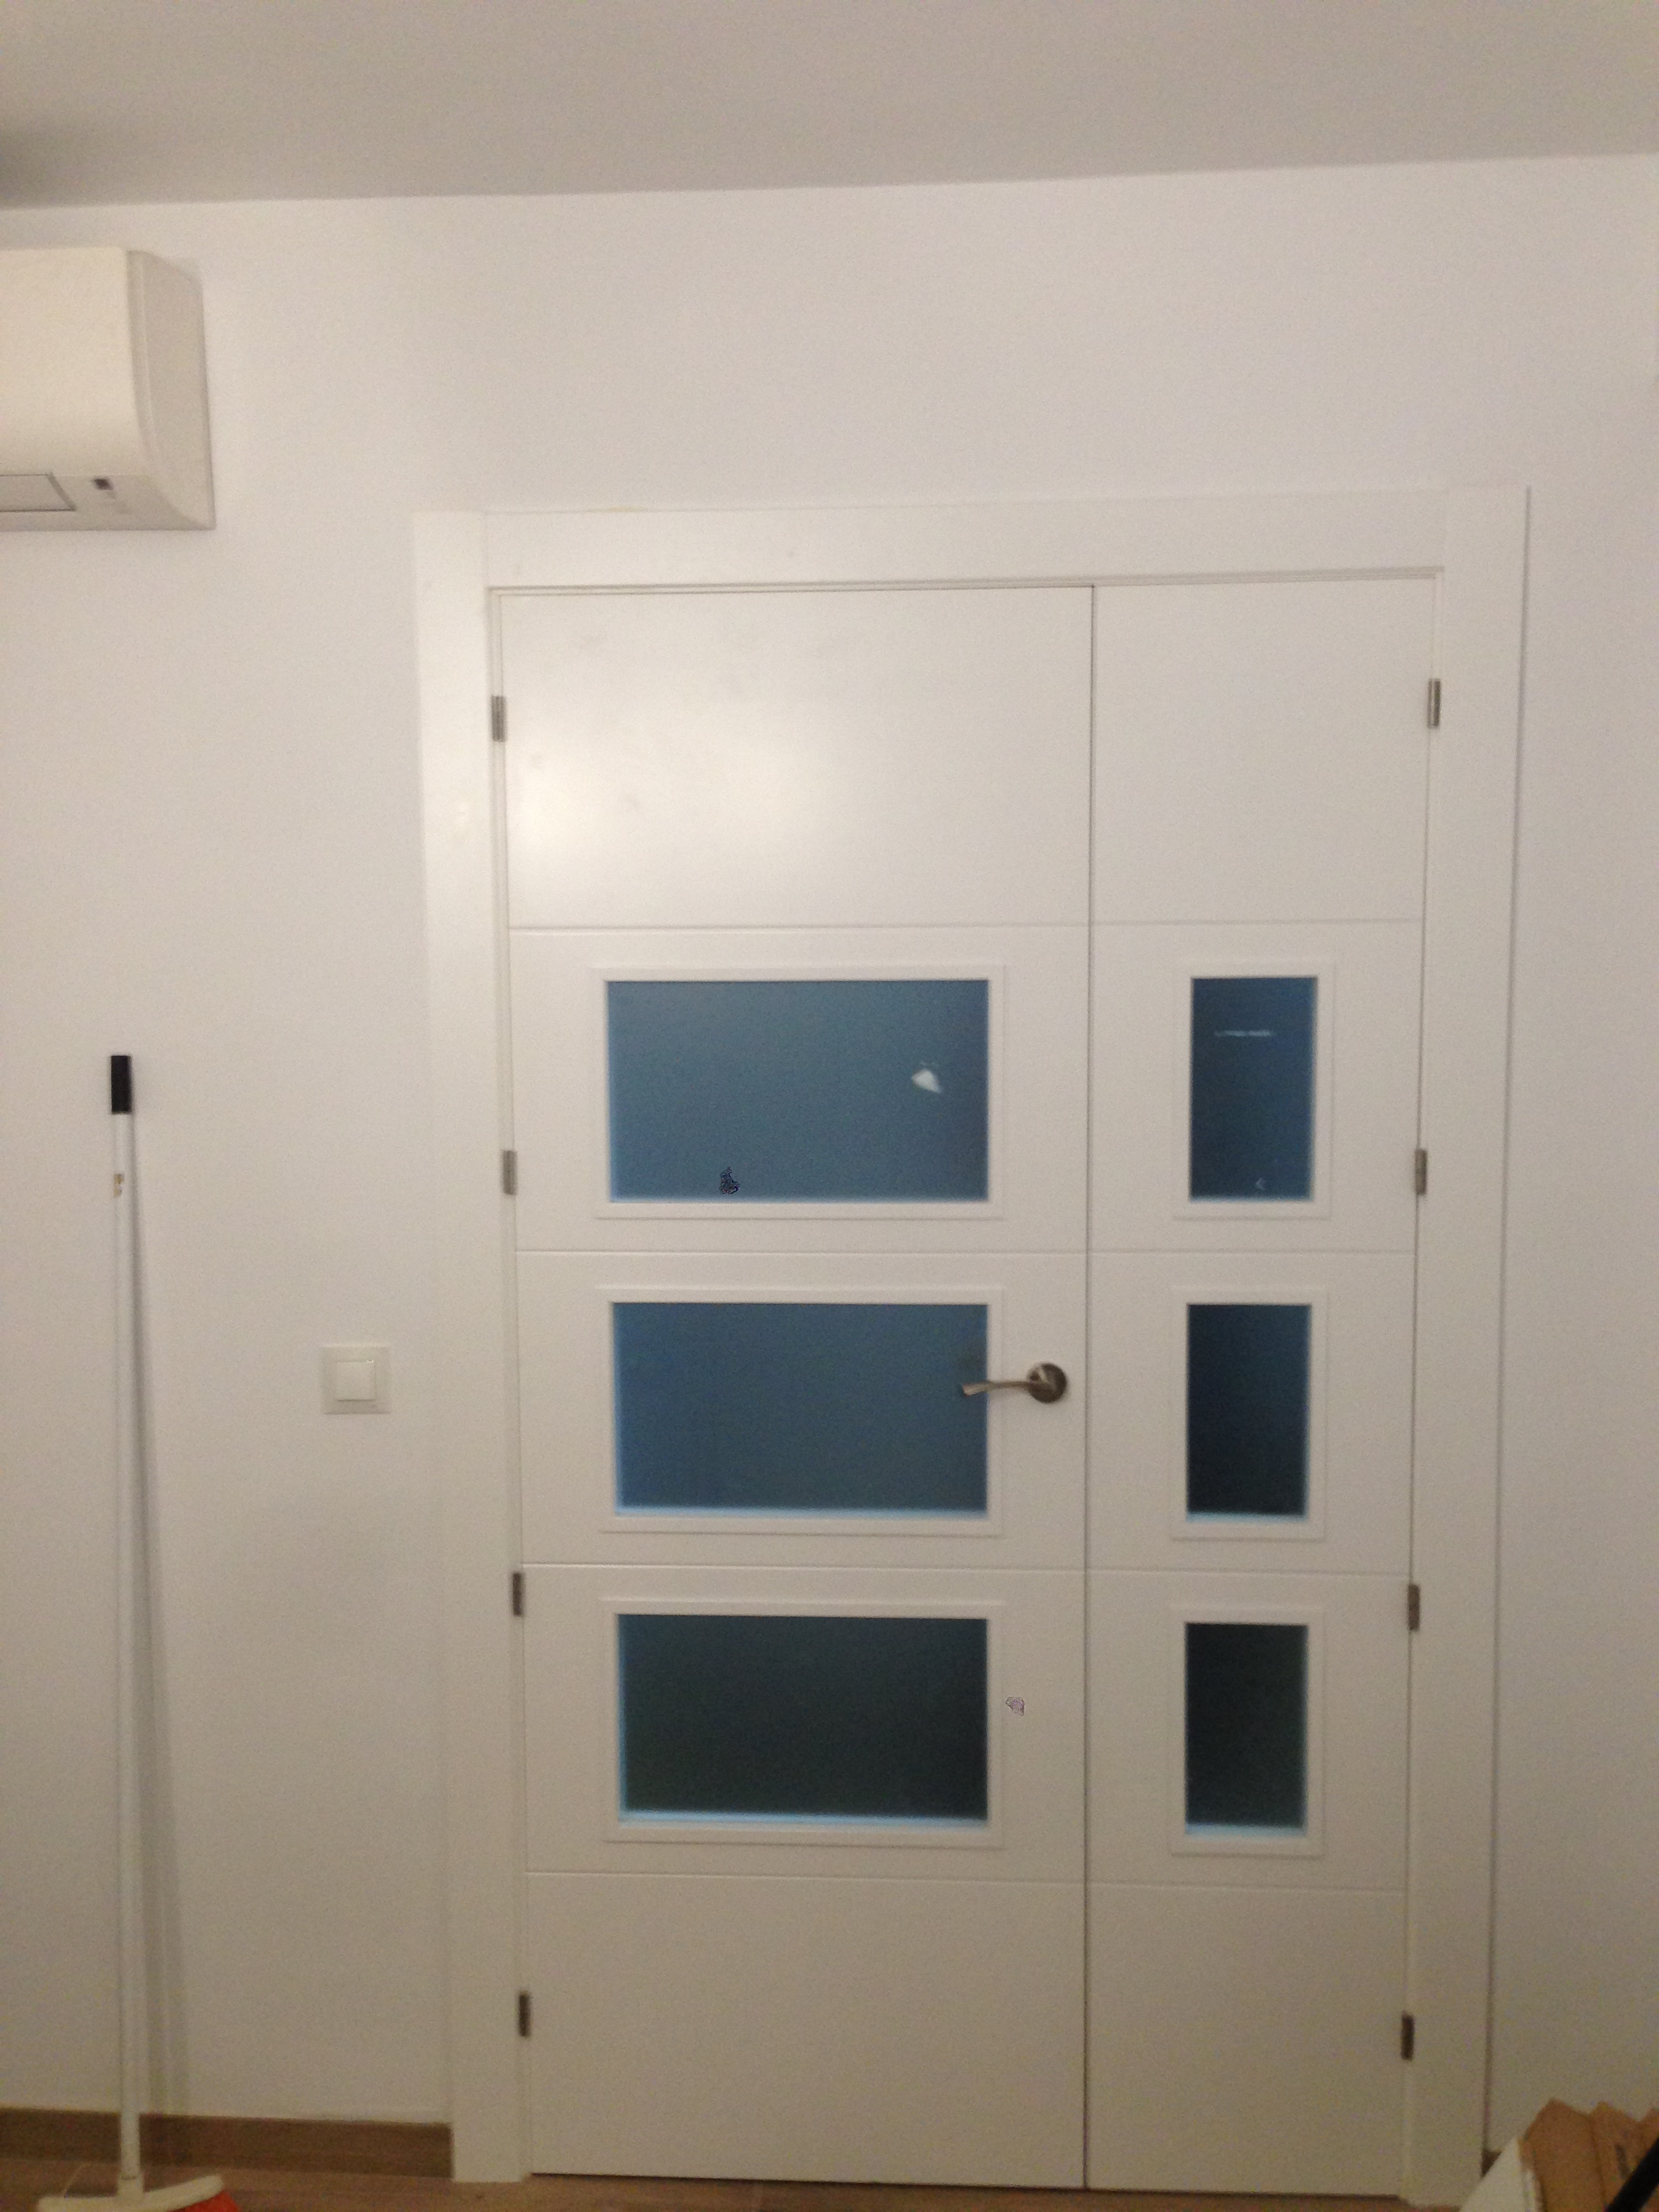 Puertas Blancas Lacadas. Top Puertas Lacadas Blancas Estilo Moderno ...